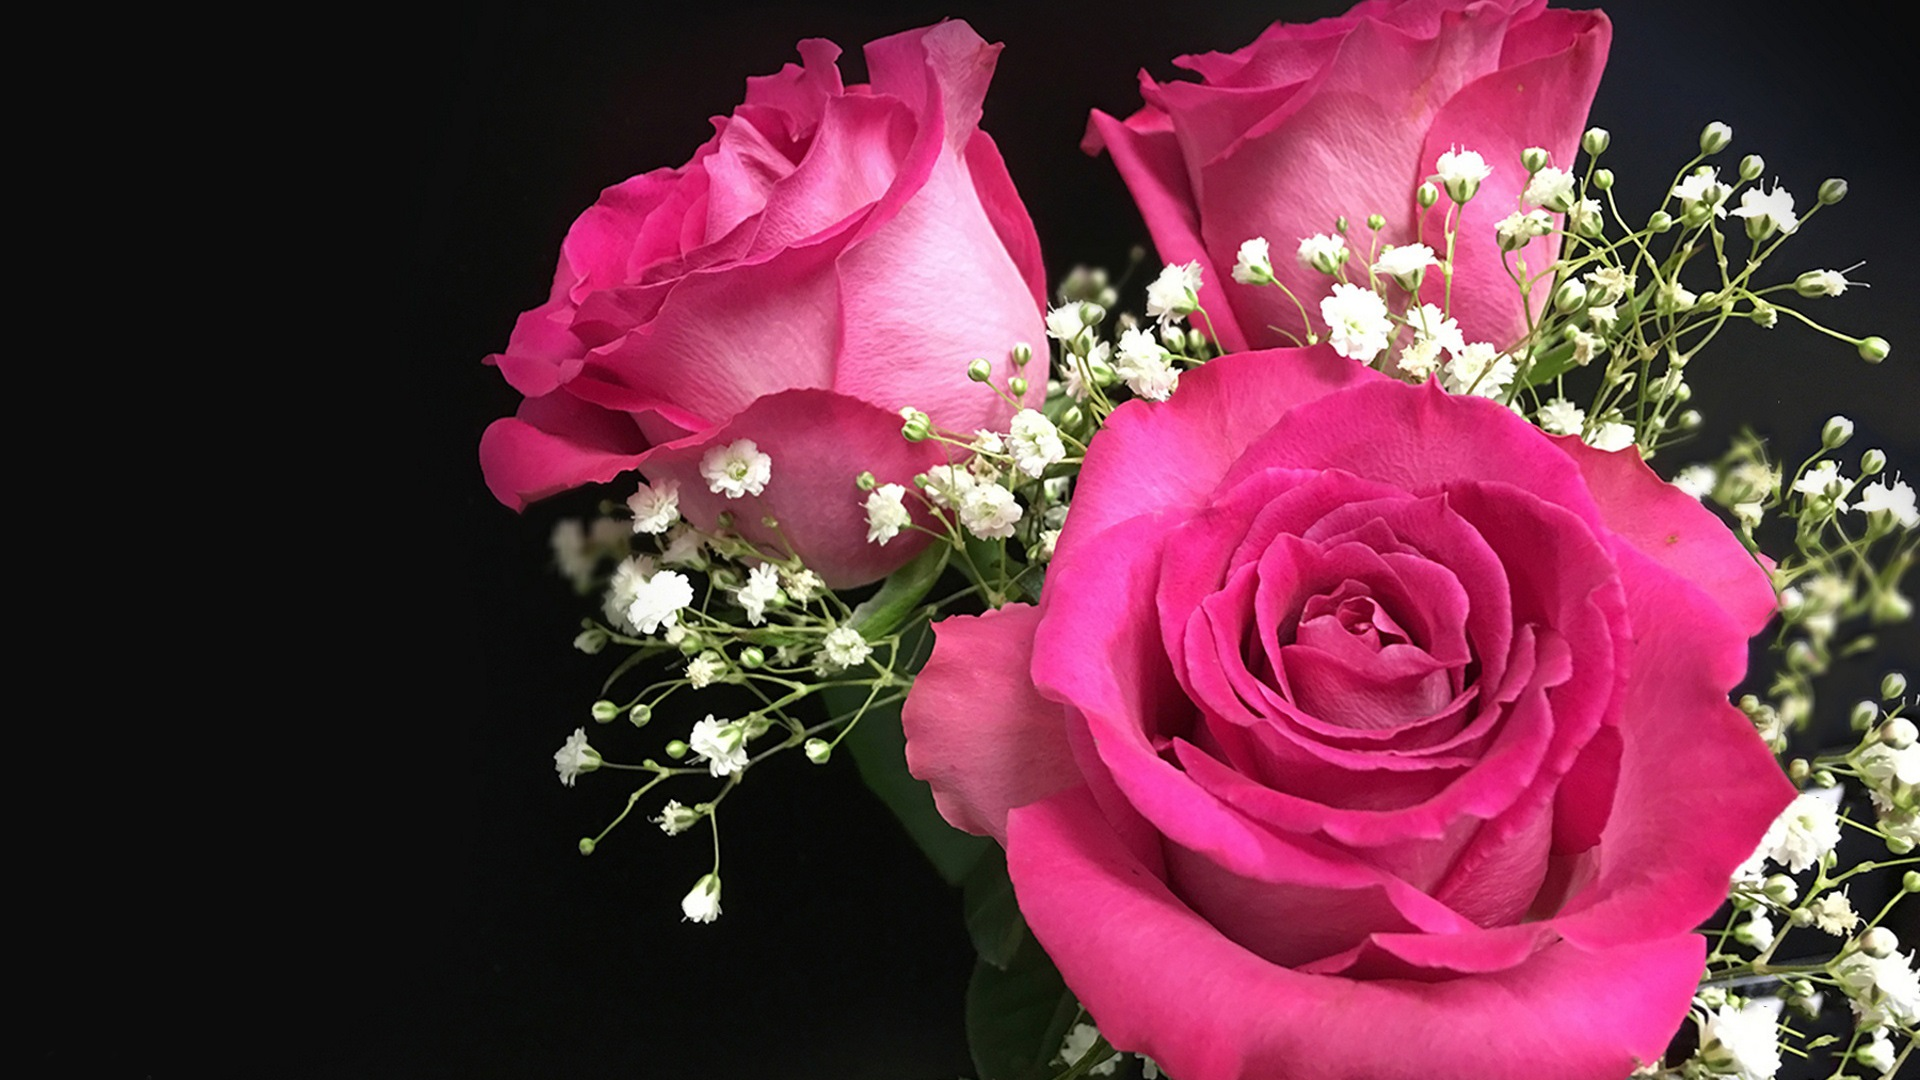 Fonds d'écran Roses, fleurs, bouquet, noir, fond 1920x1200 HD image